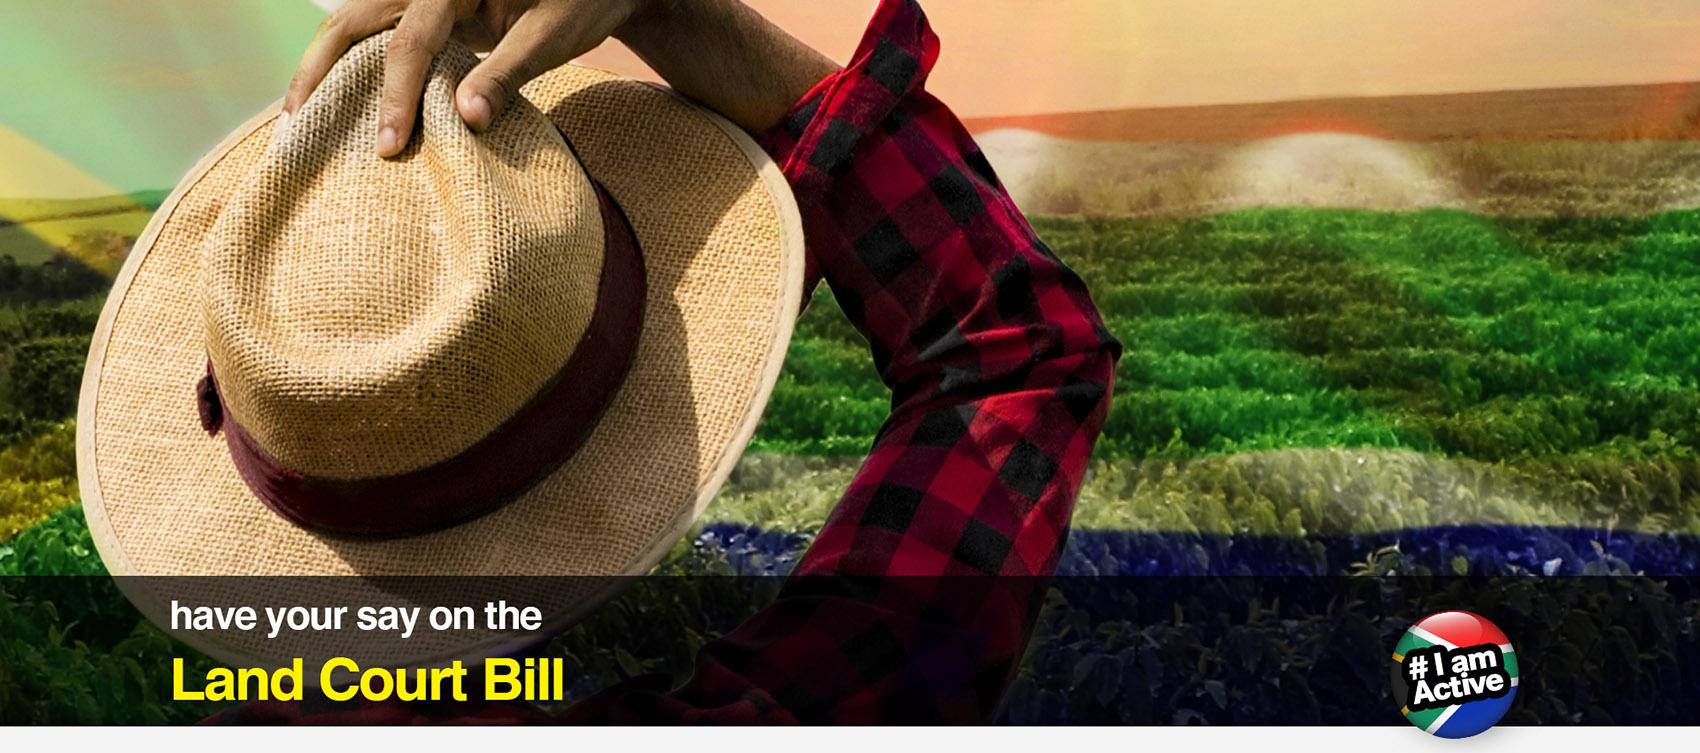 DearSA-Land-Court-Bill